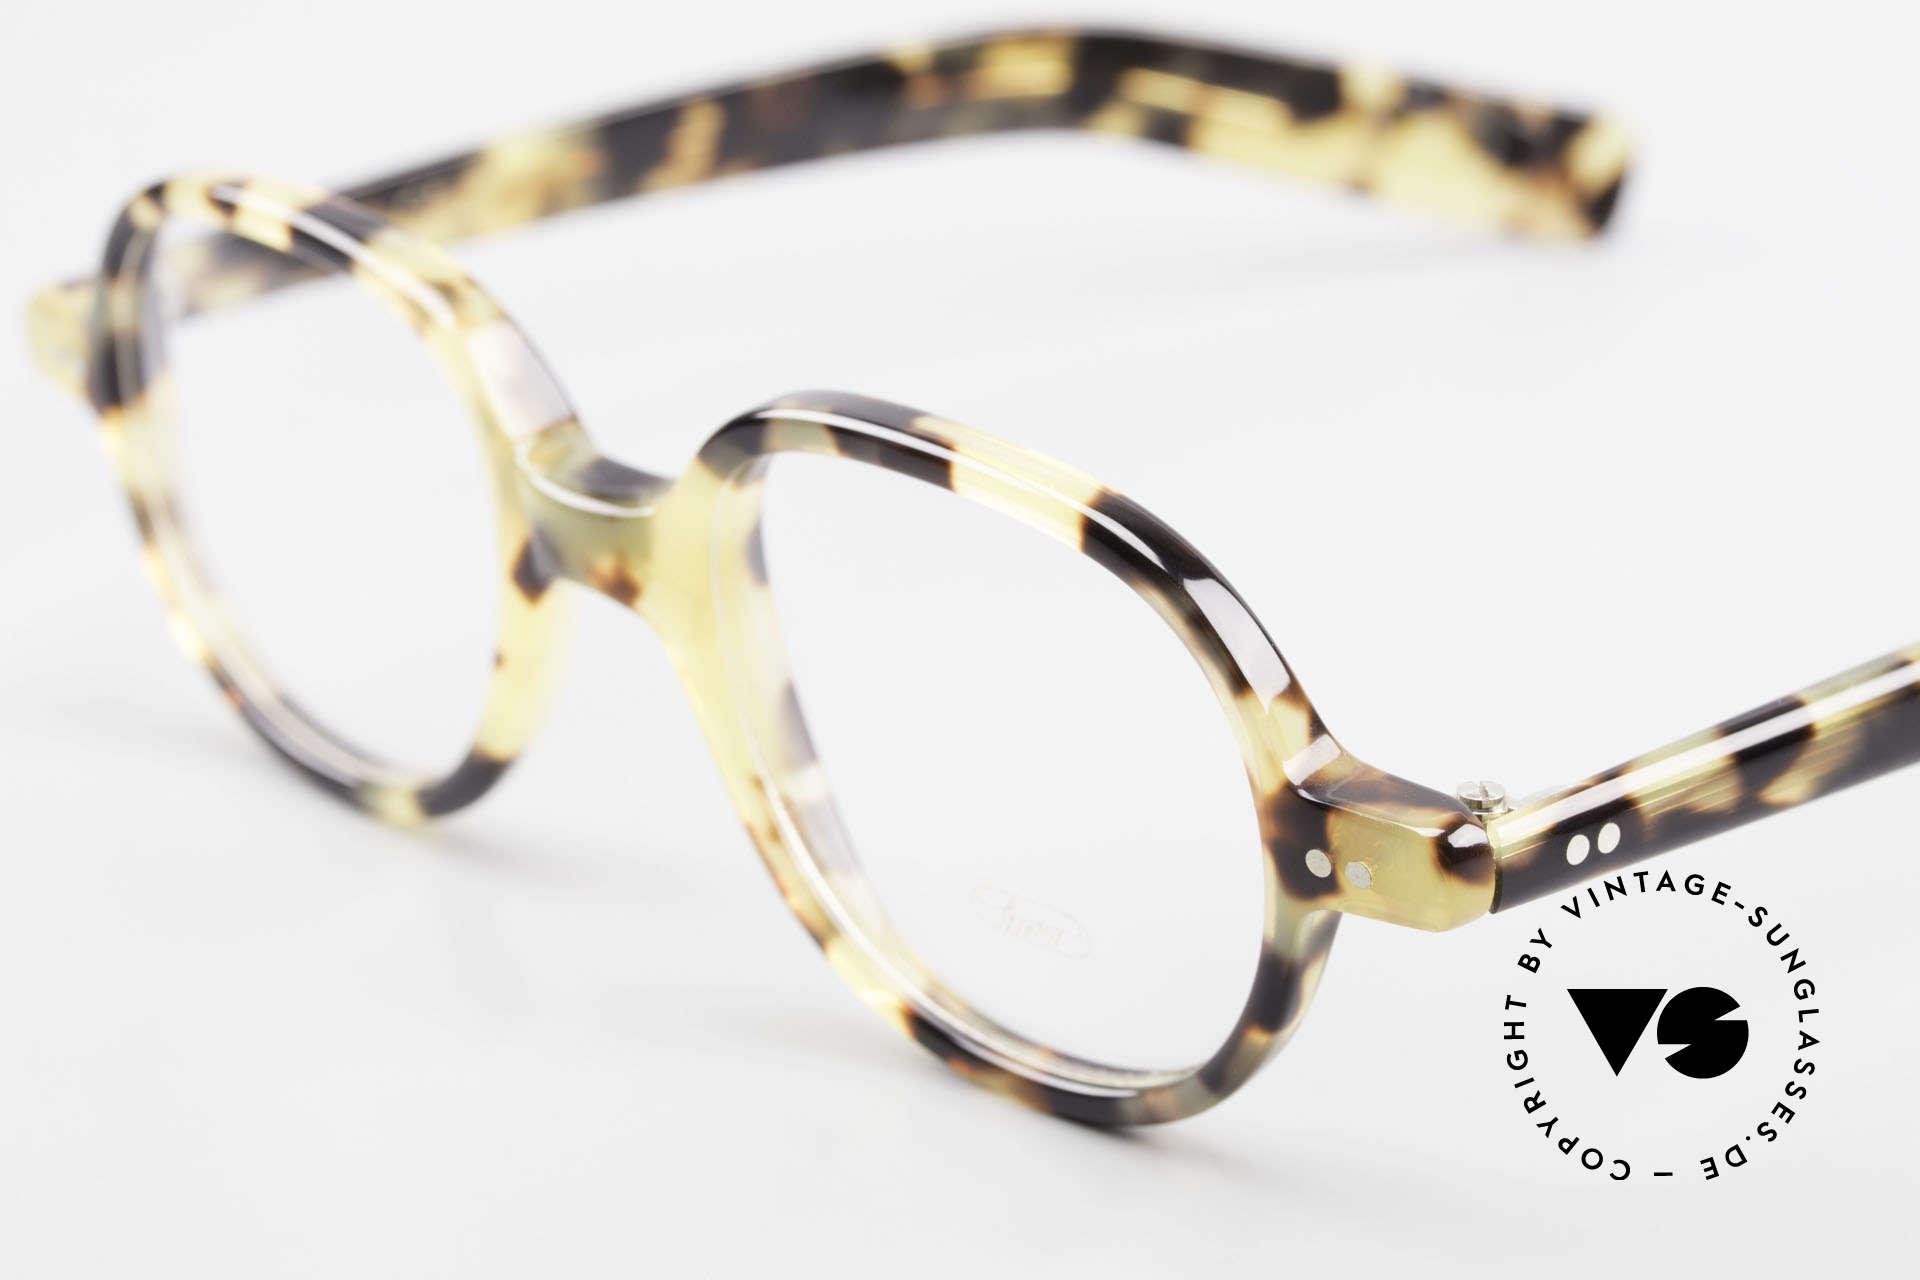 Lunor A50 Runde Lunor Pantobrille Acetat, 100% made in Germany, handpoliert, ein Klassiker!, Passend für Herren und Damen